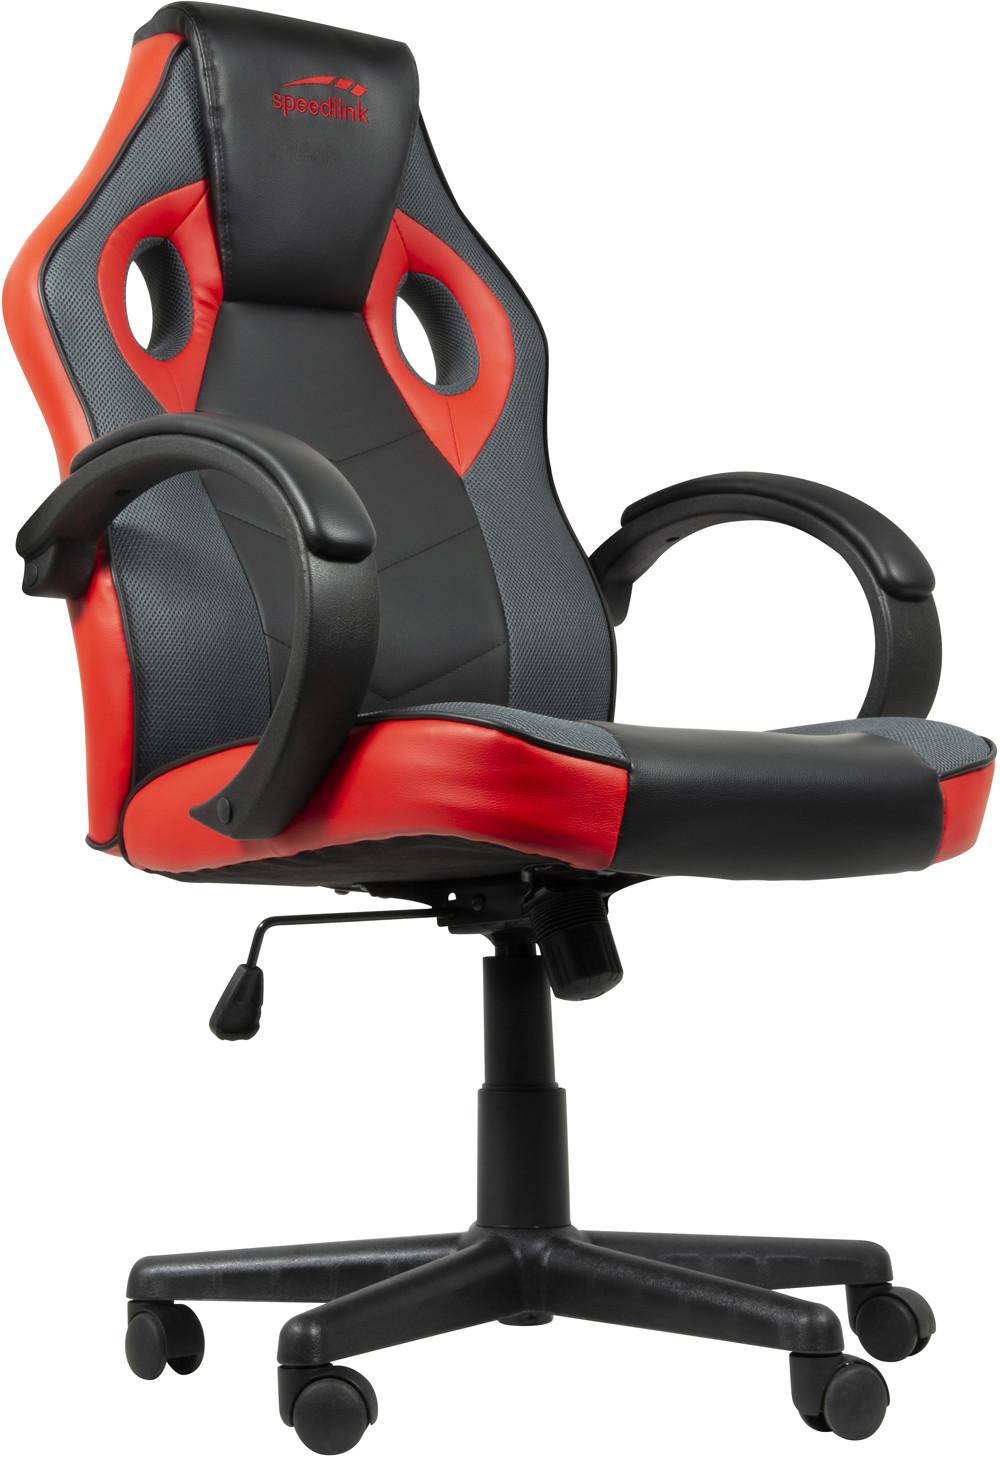 Speedlink geiminga krēsls Yaru (SL-660002-BKRD) 4027301851373 SL-660002-BKRD